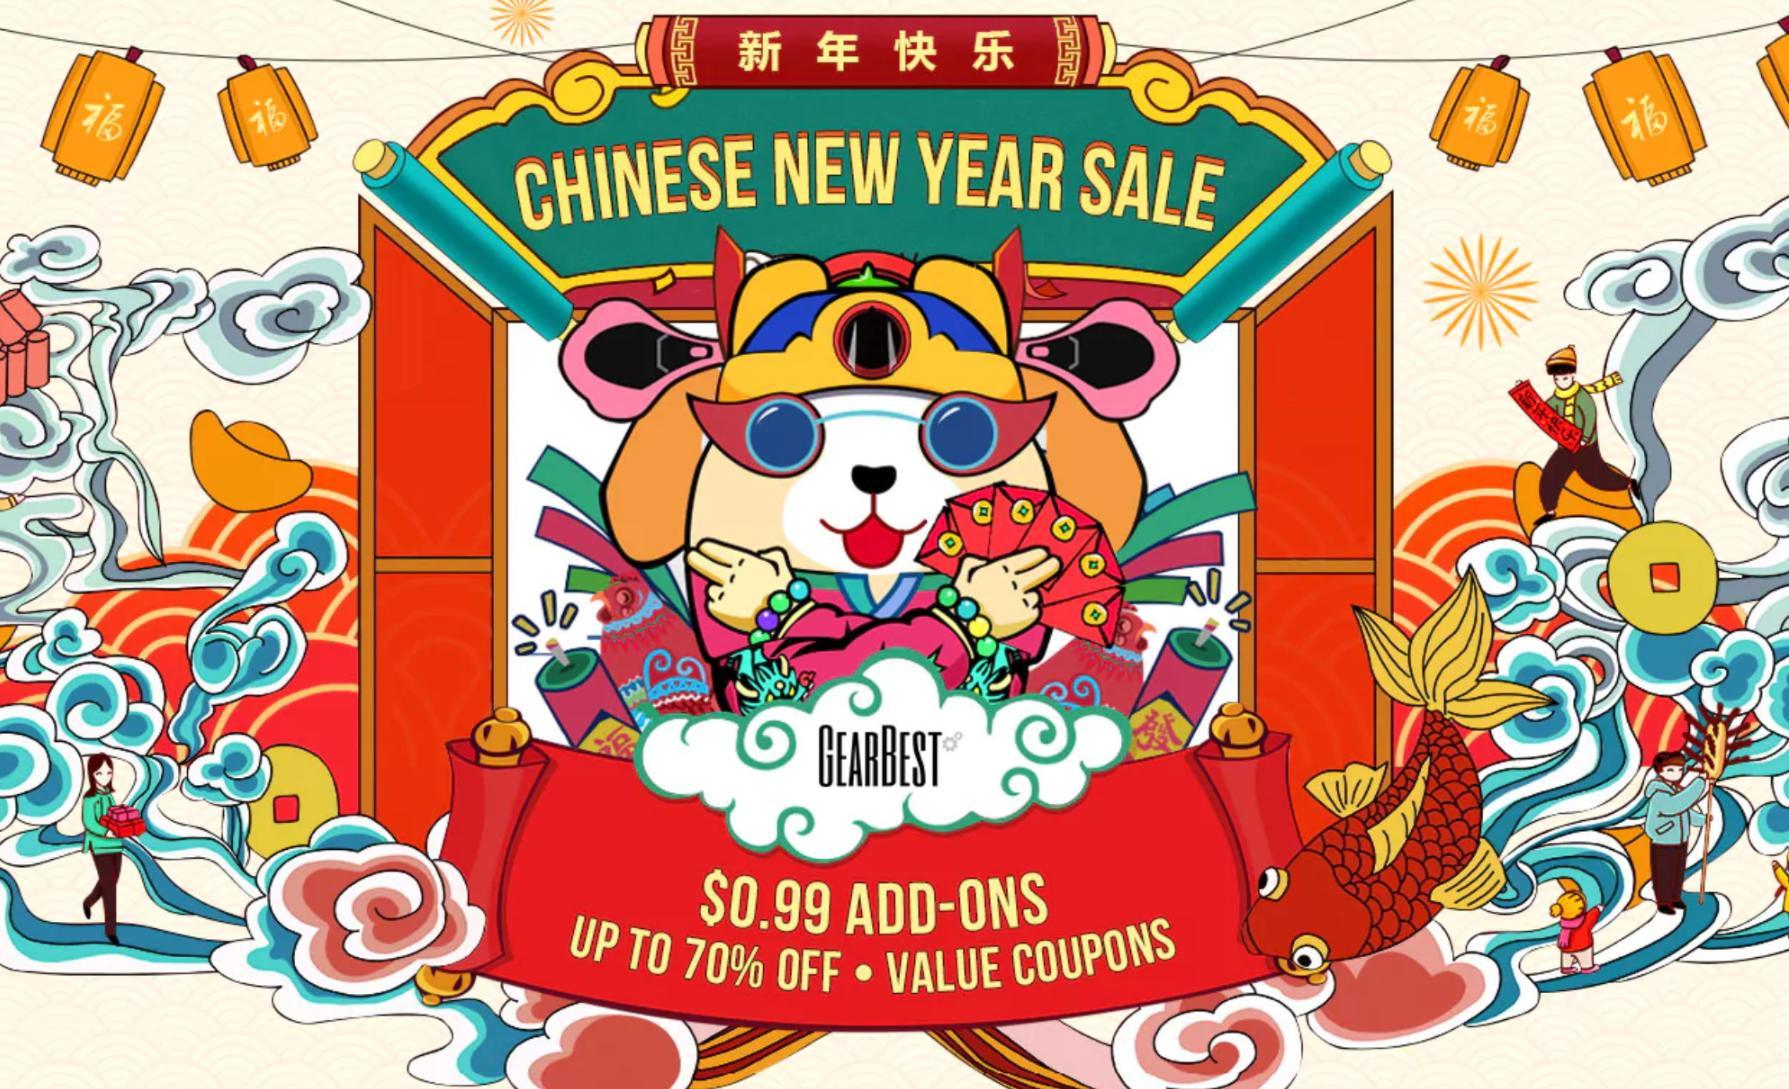 Chinesisches Neujahr: Dicke Rabatte auf\'s Gearbest Sortiment ...